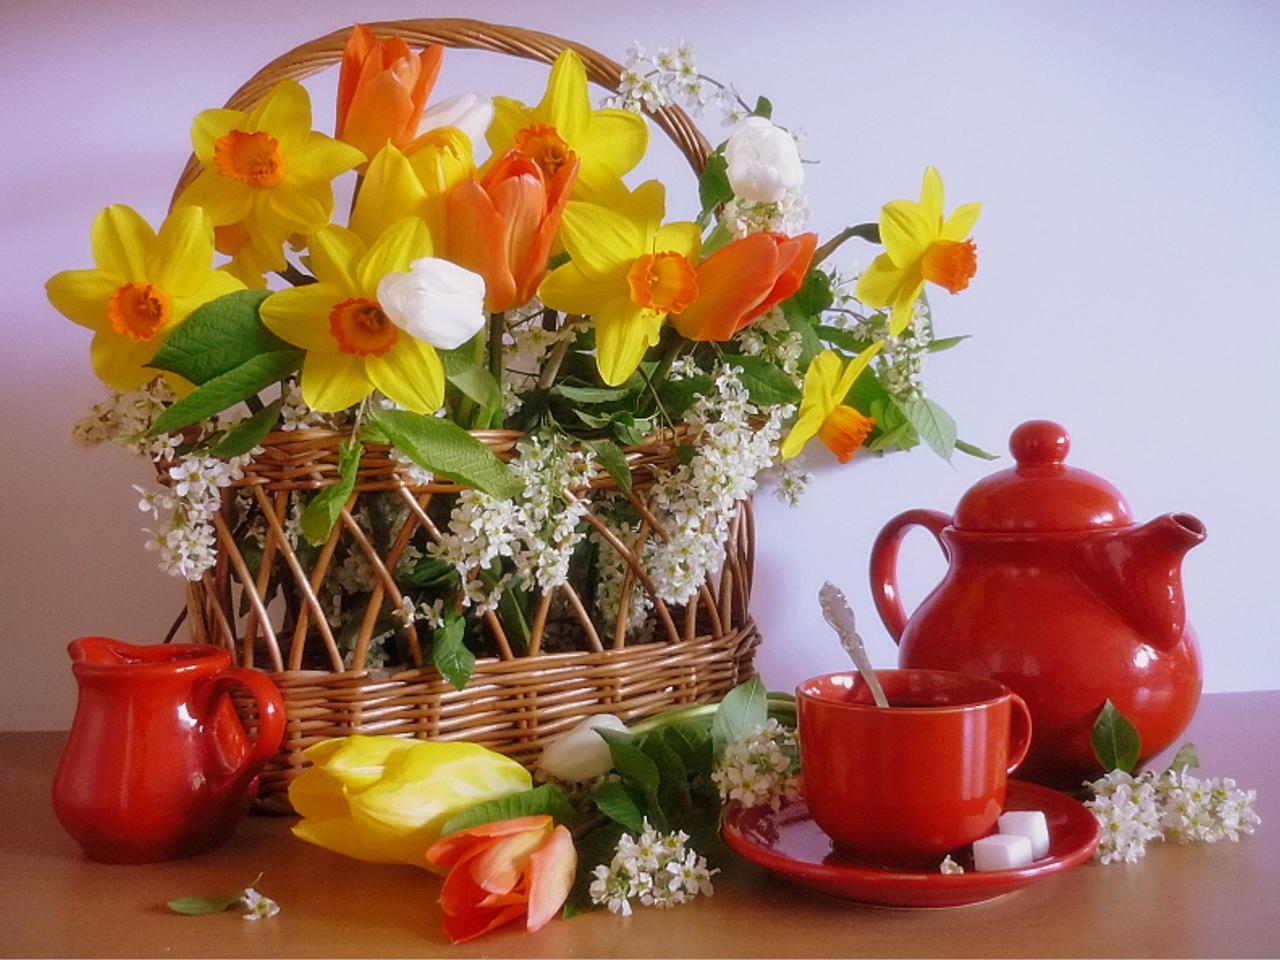 8 марта  цветы и поздравления  скачать бесплатно